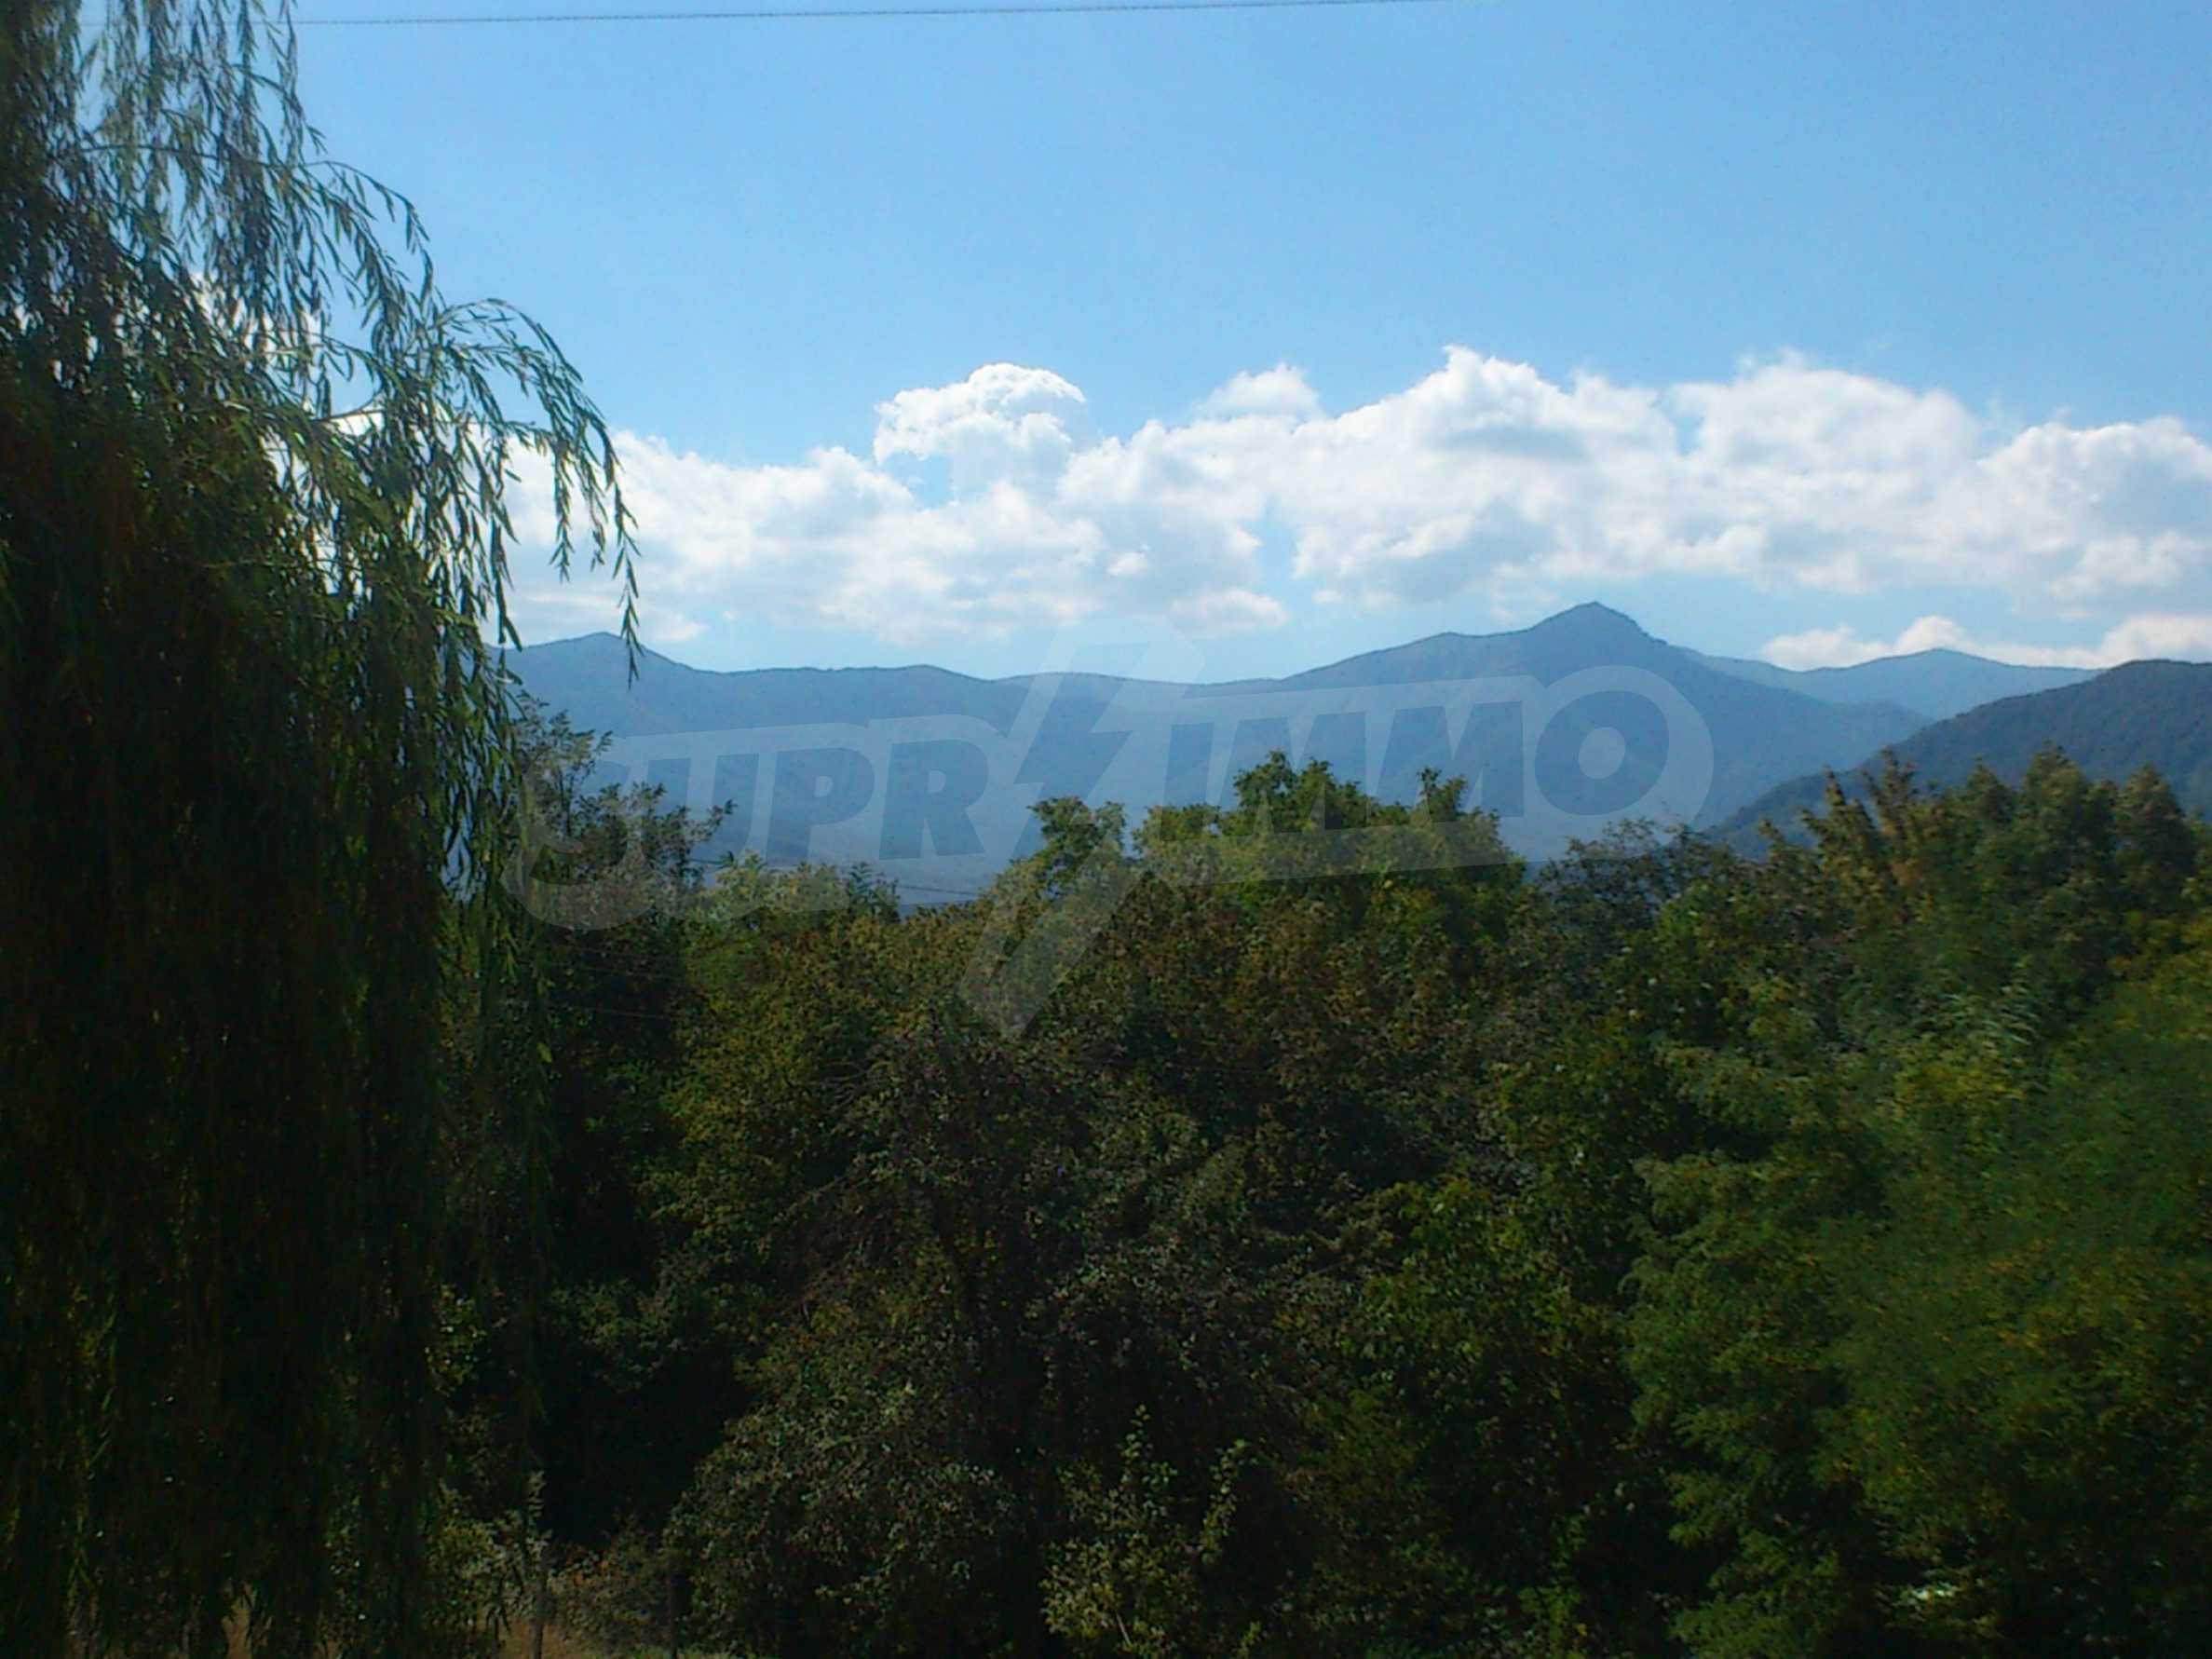 Propety near Apriltsi 51